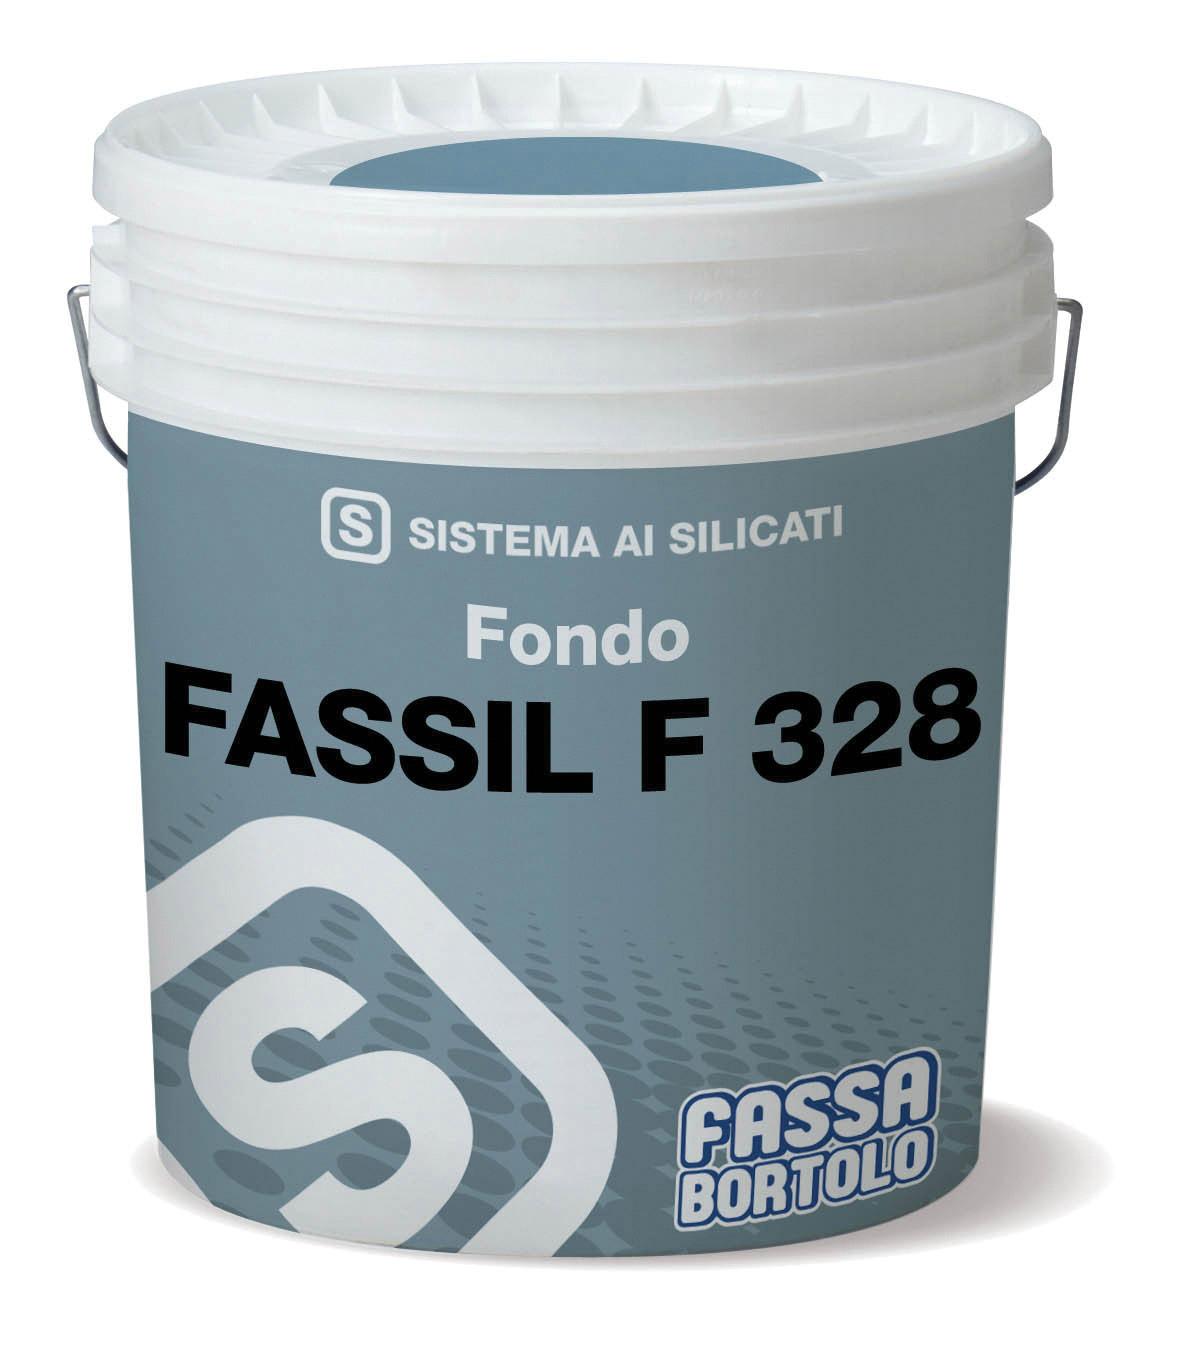 FASSIL F 328: Mineralischer Haftgrund auf Silikatbasis